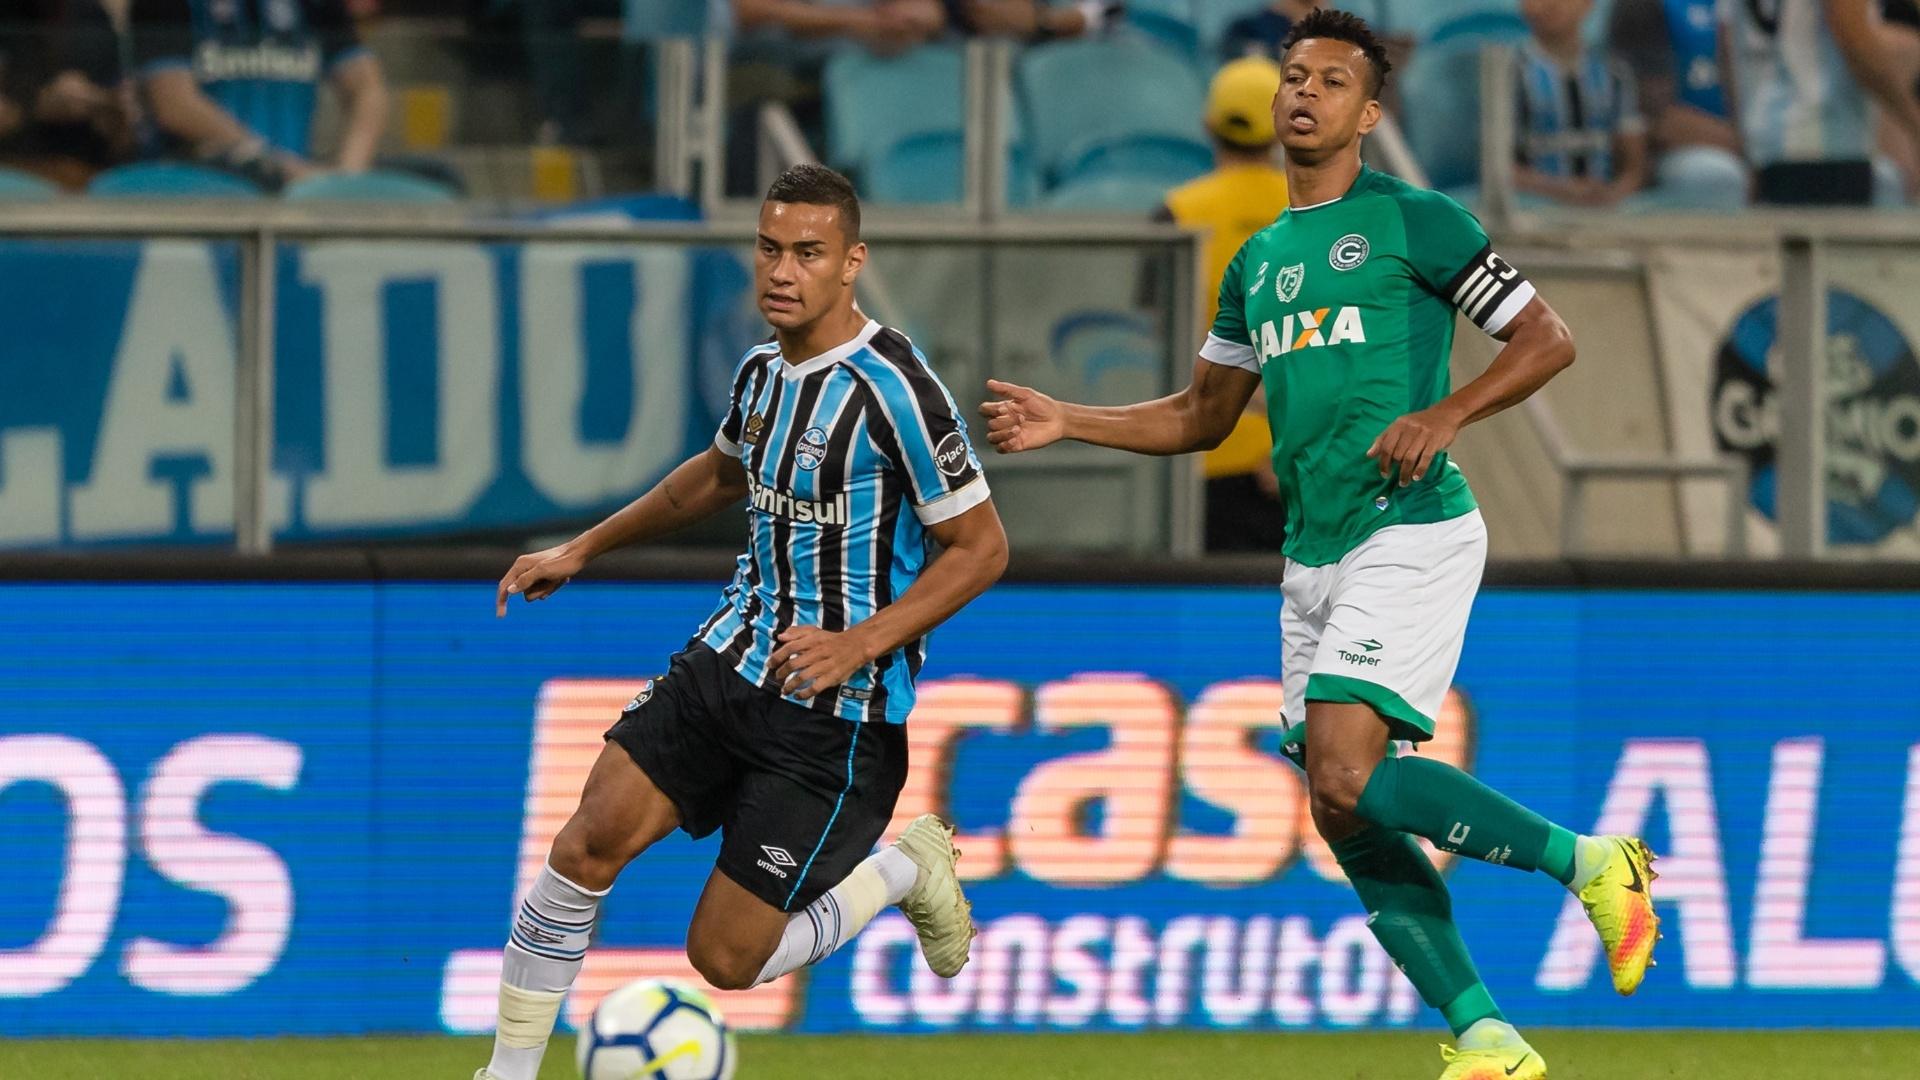 Alisson disputa a bola com Edcarlos no jogo entre Grêmio e Goiás